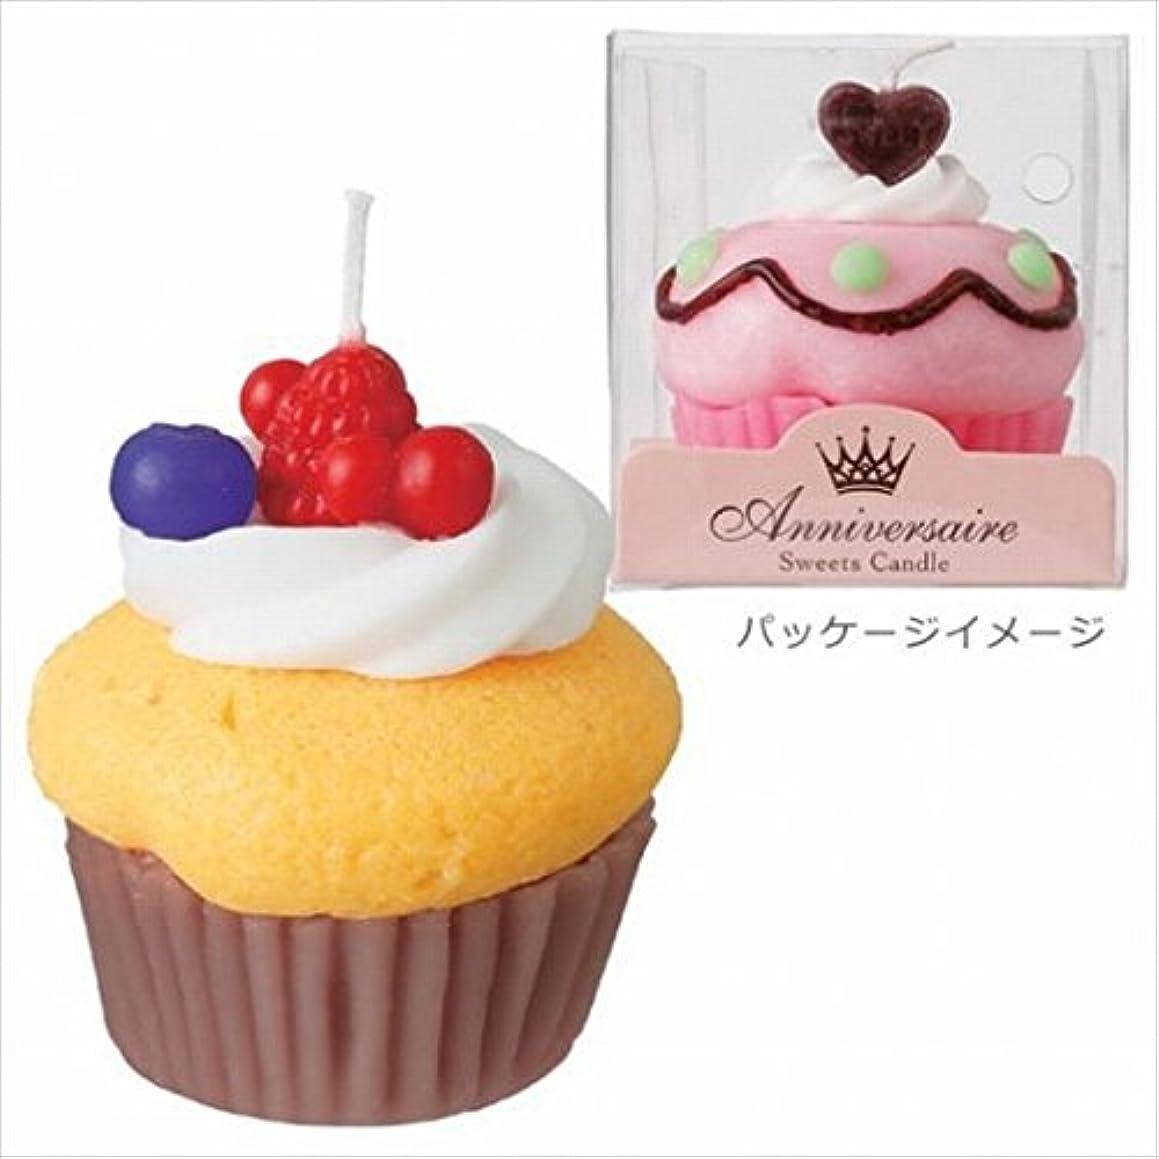 ジェム議会素晴らしさカメヤマキャンドル( kameyama candle ) カップケーキキャンドル 「 マンゴーカップケーキ 」